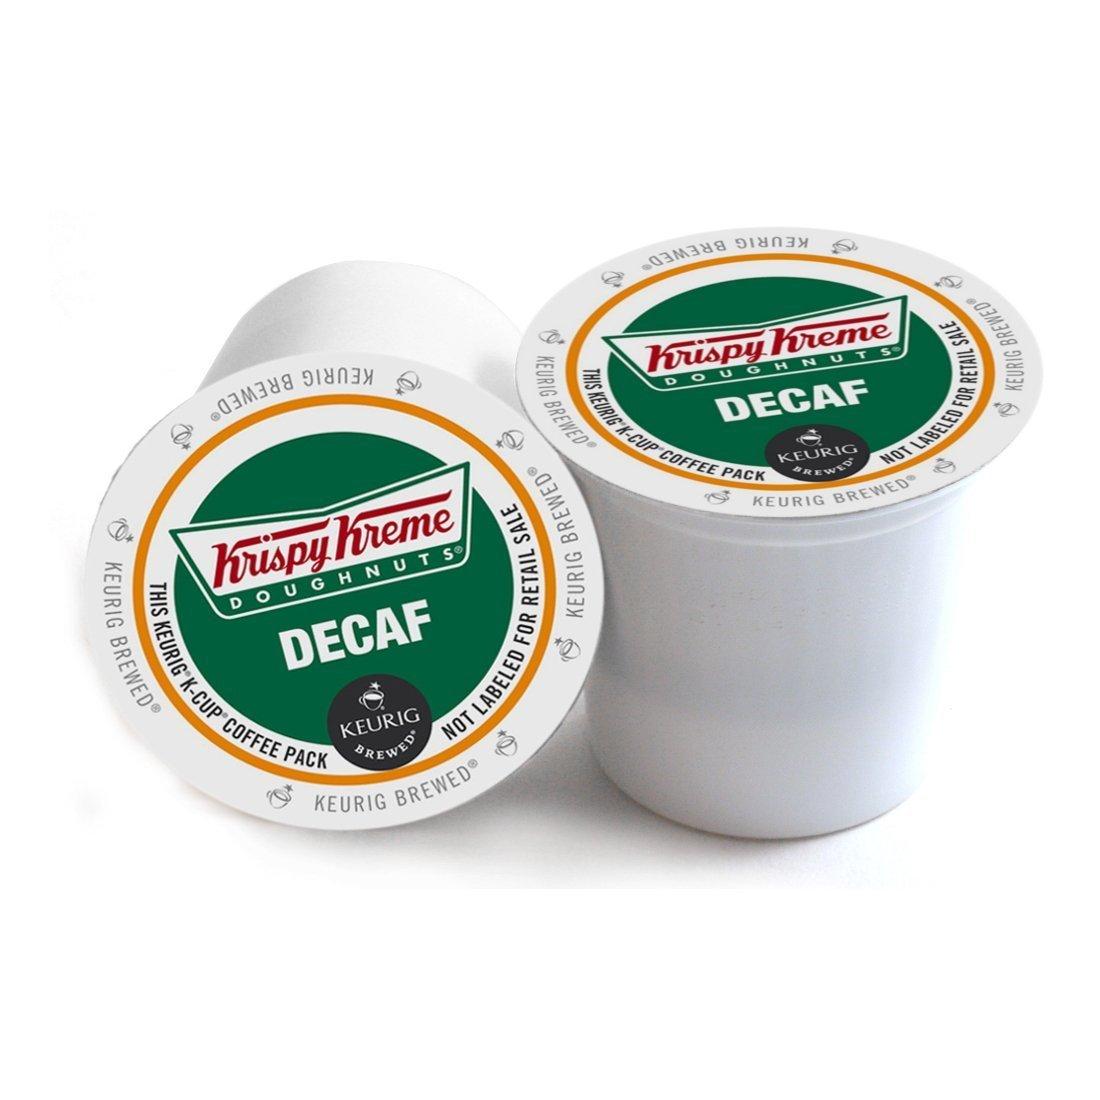 Krispy Kreme Doughnuts Decaf Keurig 2.0 K-Cup Pack, 108 Count